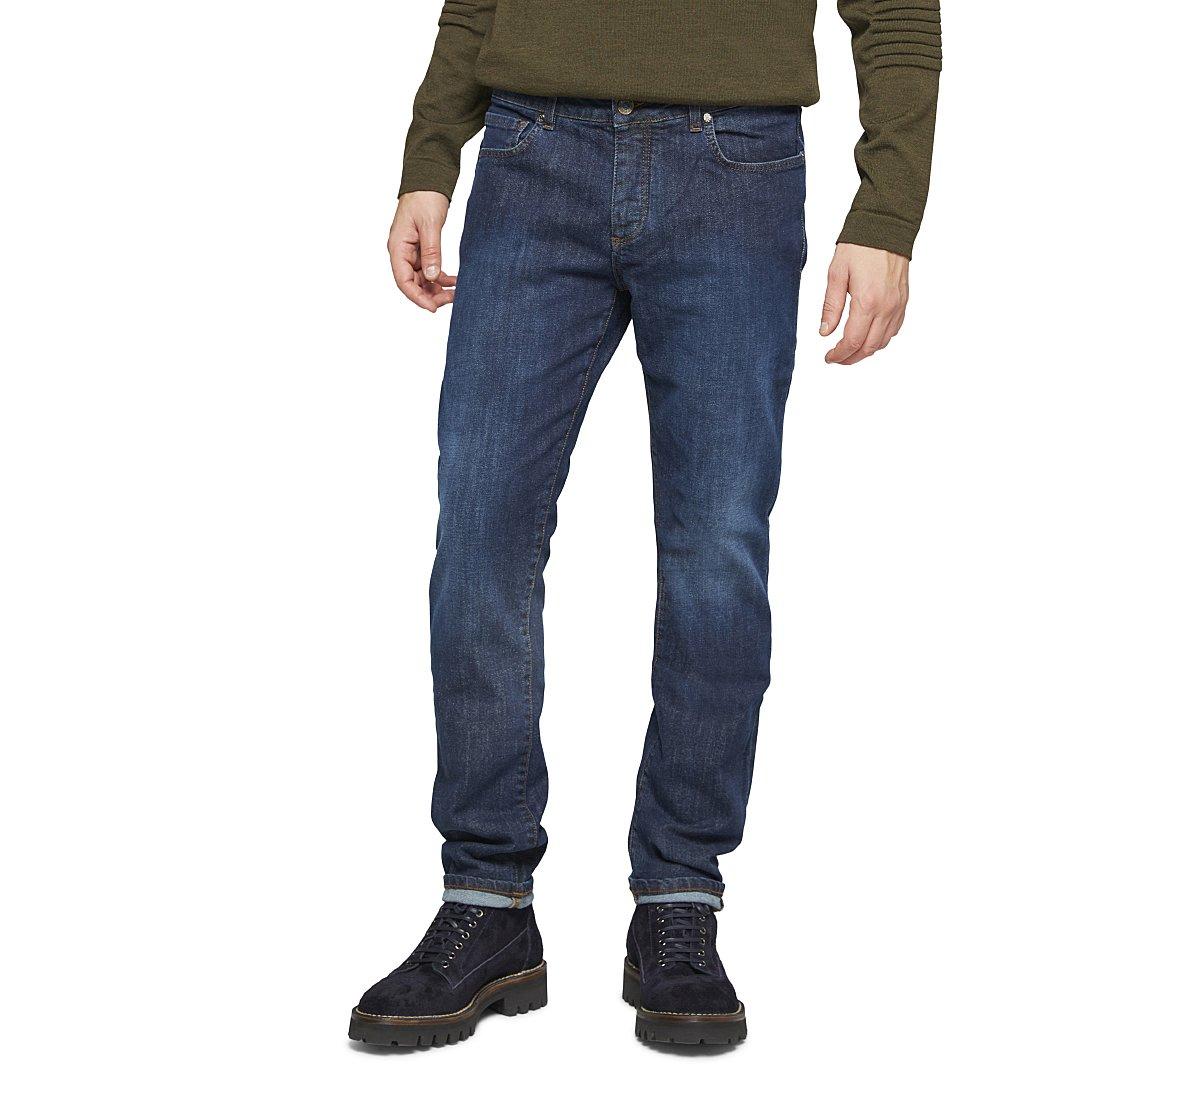 Loose cotton jeans fit